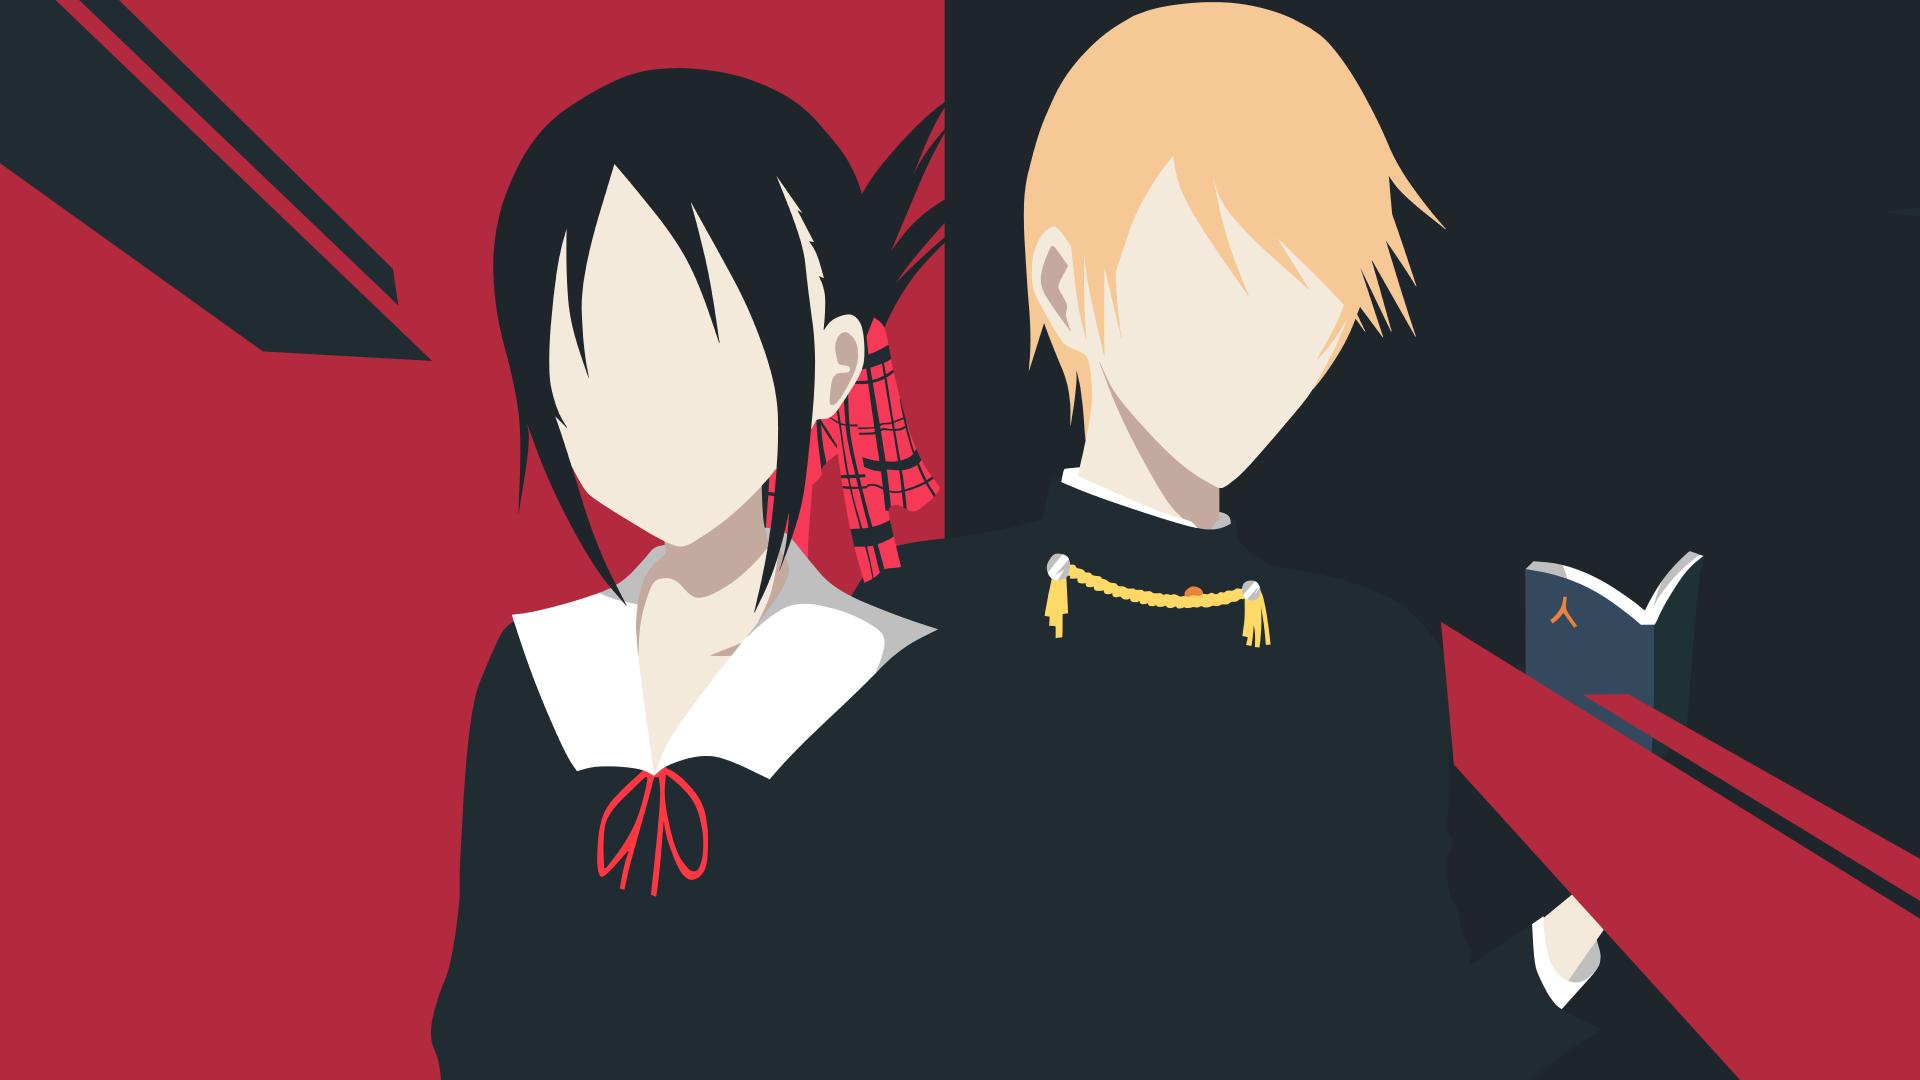 Kaguya Sama Love Is War Minimalist By Yuki Neh On Deviantart